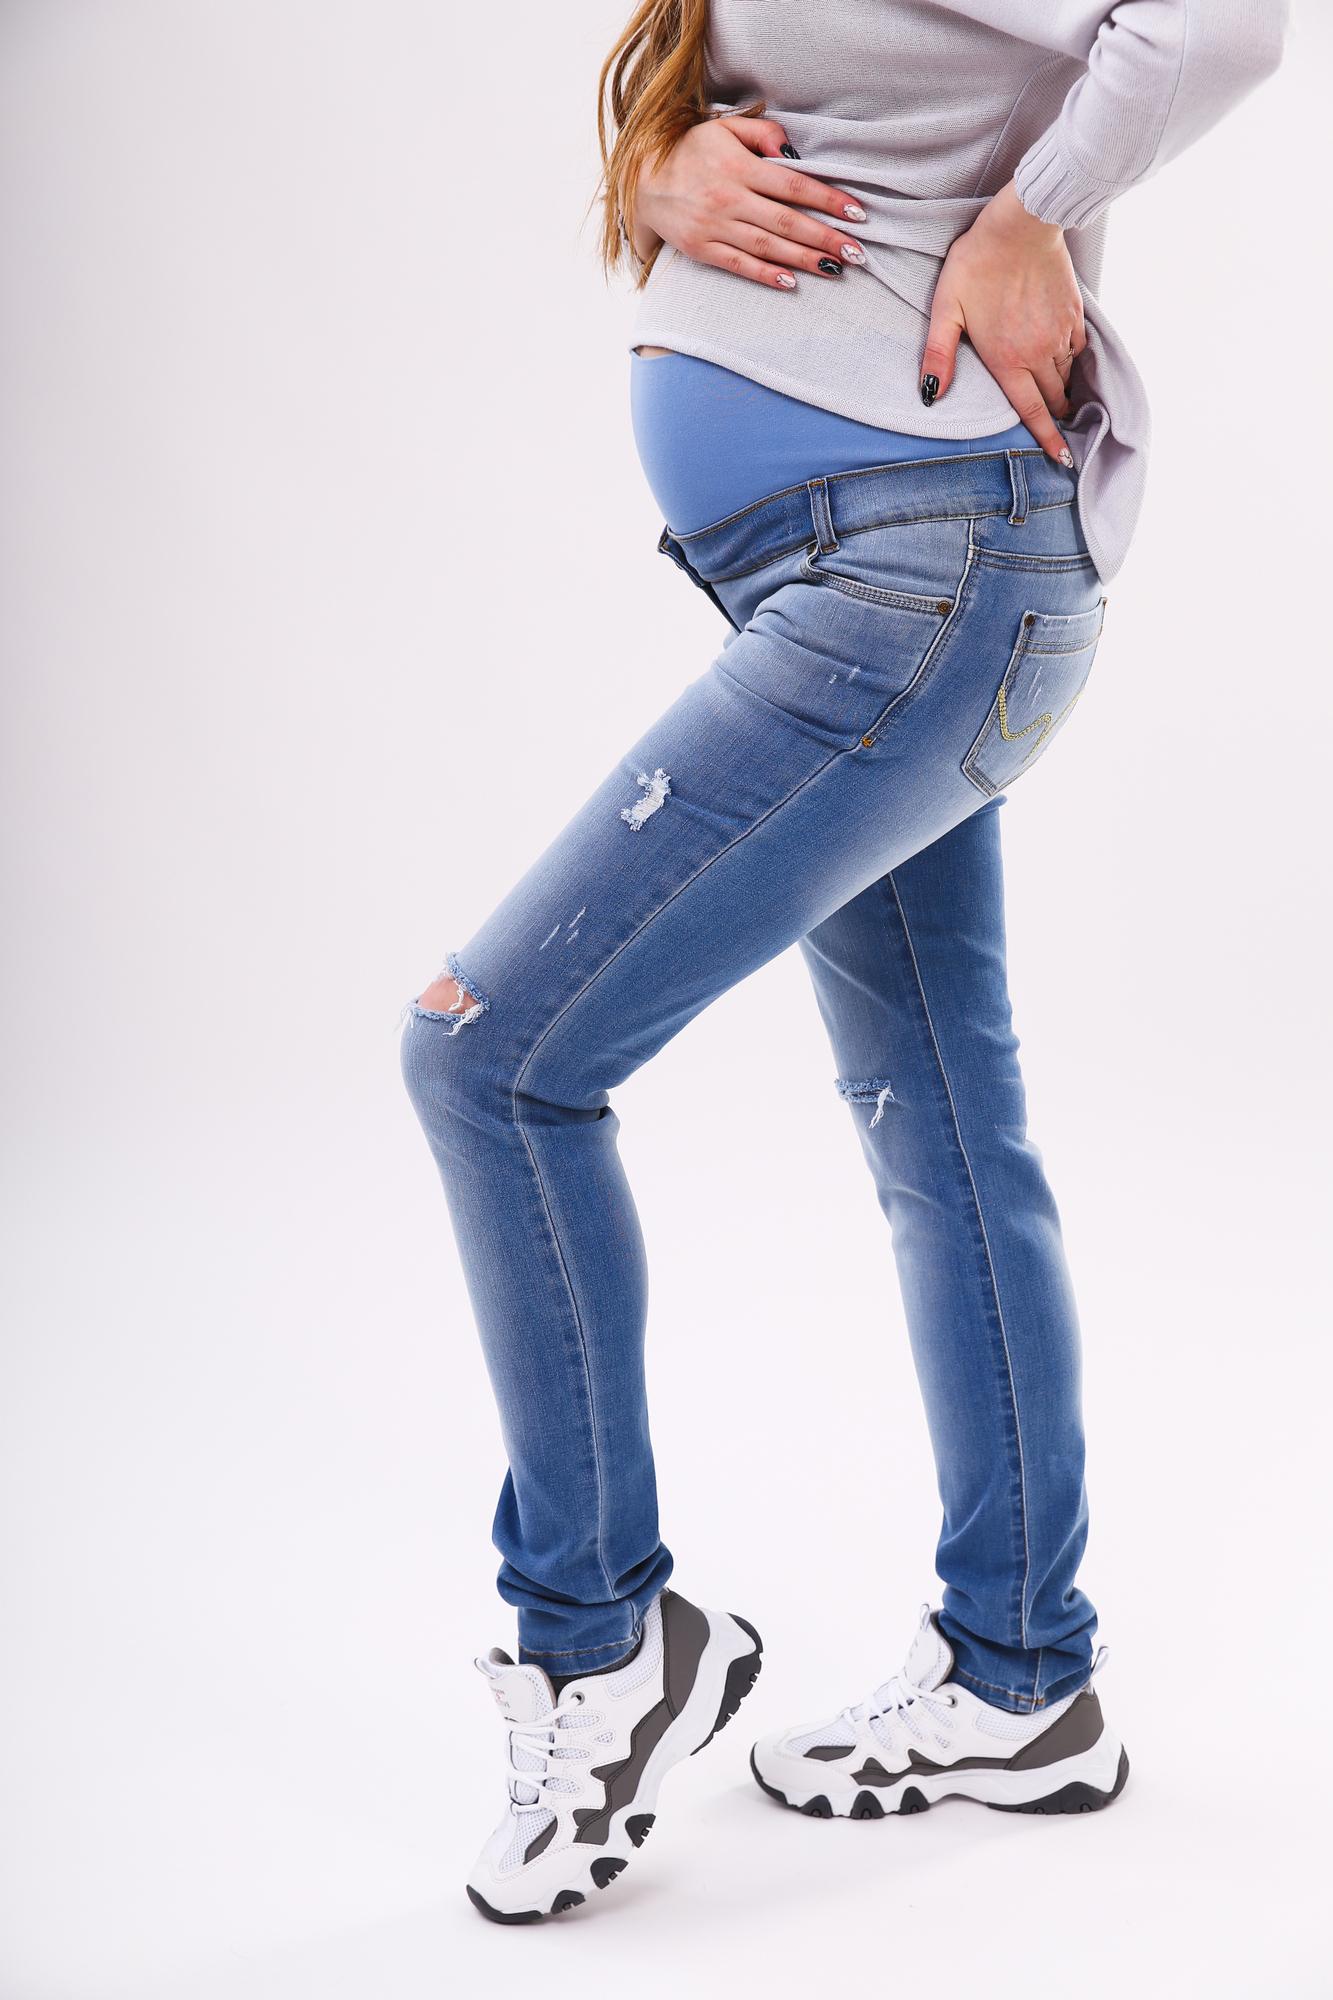 Фото джинсы для беременных (SLIM) MAMA`S FANTASY, средняя посадка, высокая трикотажная вставка, тонкий деним от магазина СкороМама, синий, размеры.